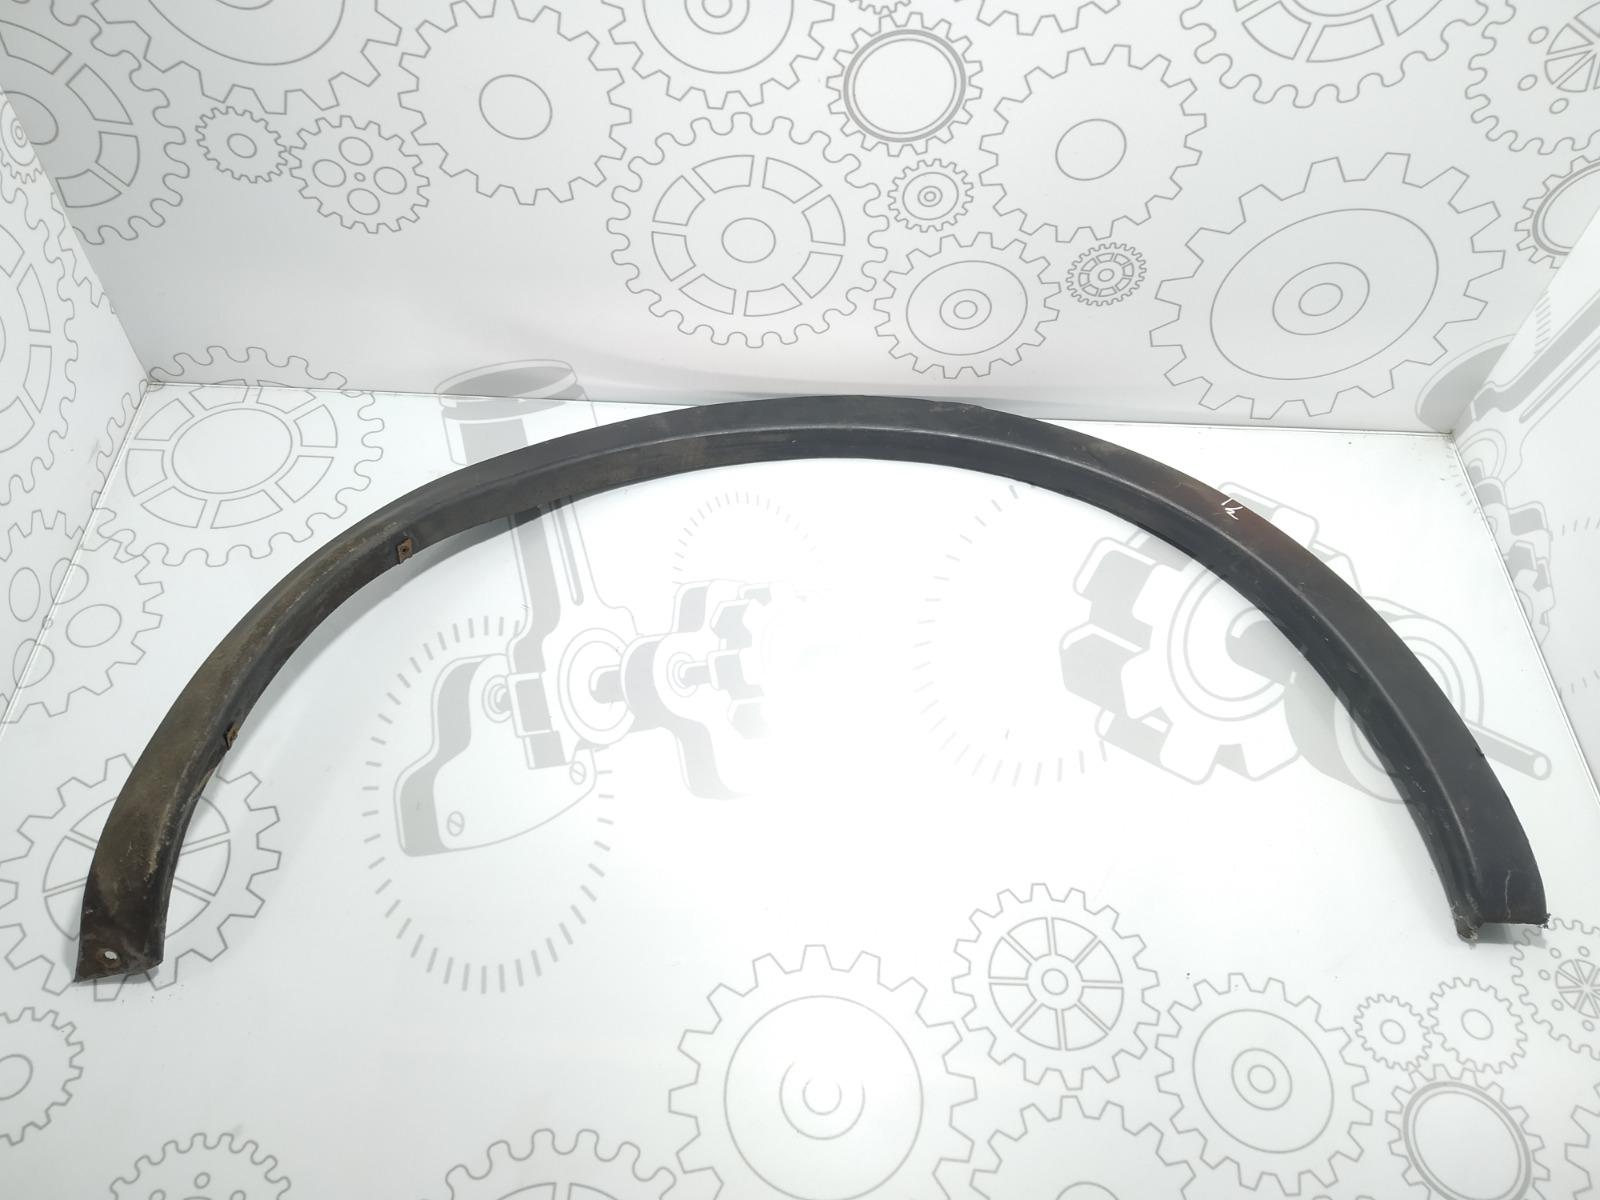 Молдинг крыла заднего правого Nissan Qashqai 1.5 DCI 2007 (б/у)